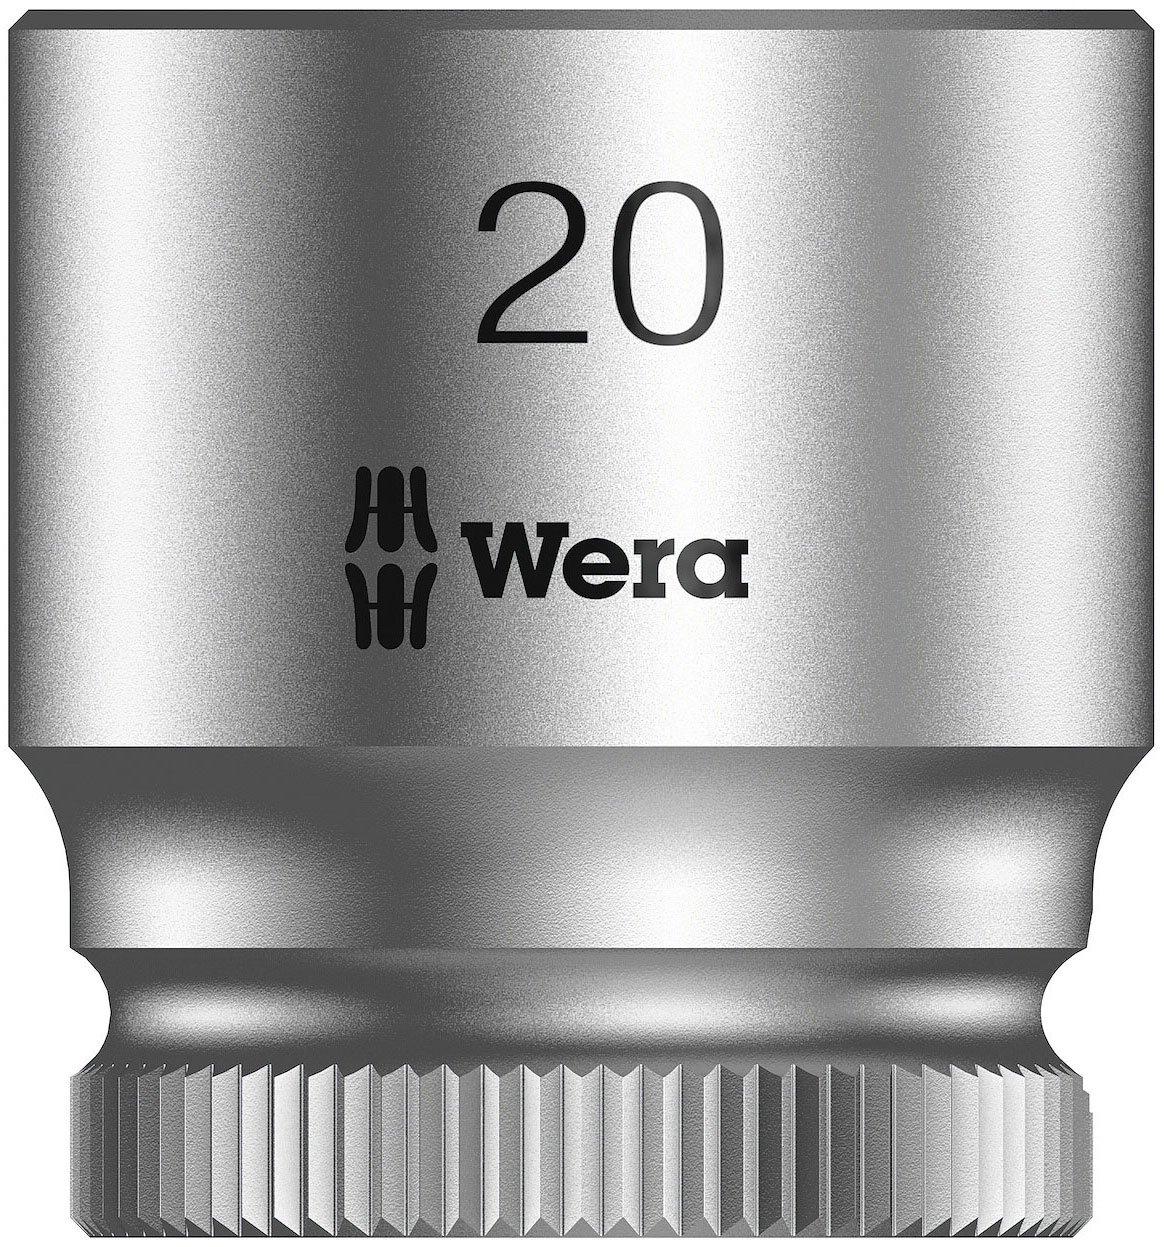 Hex Head 12mm x Length 29mm Wera Zyklop 8790 HMB 3//8-Inch Socket